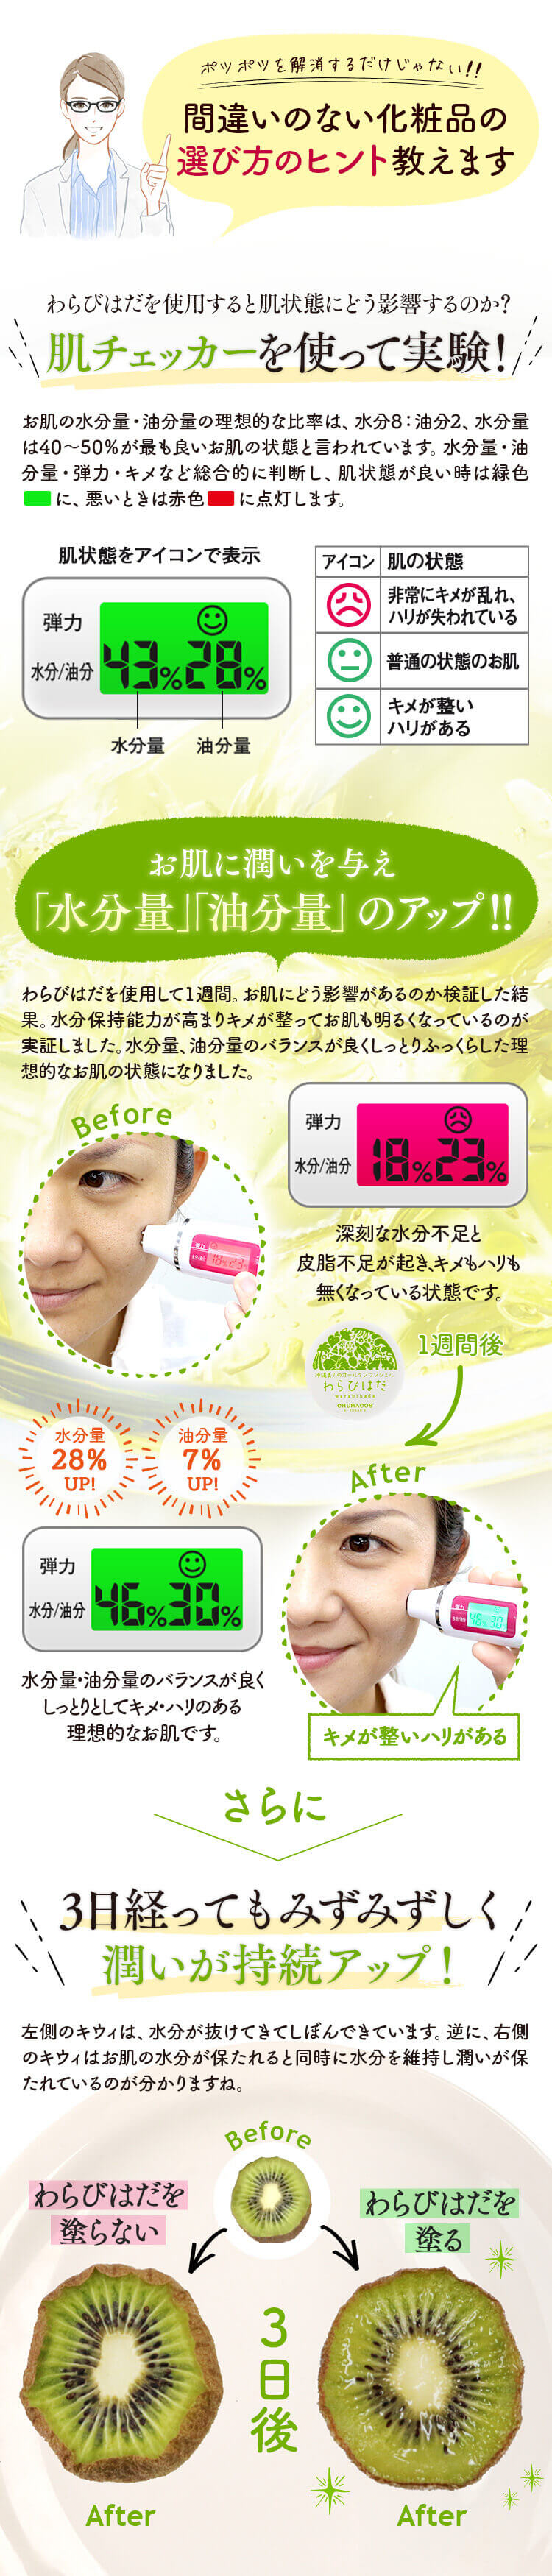 わらび肌 間違いのない化粧品の選び方のヒント教えます